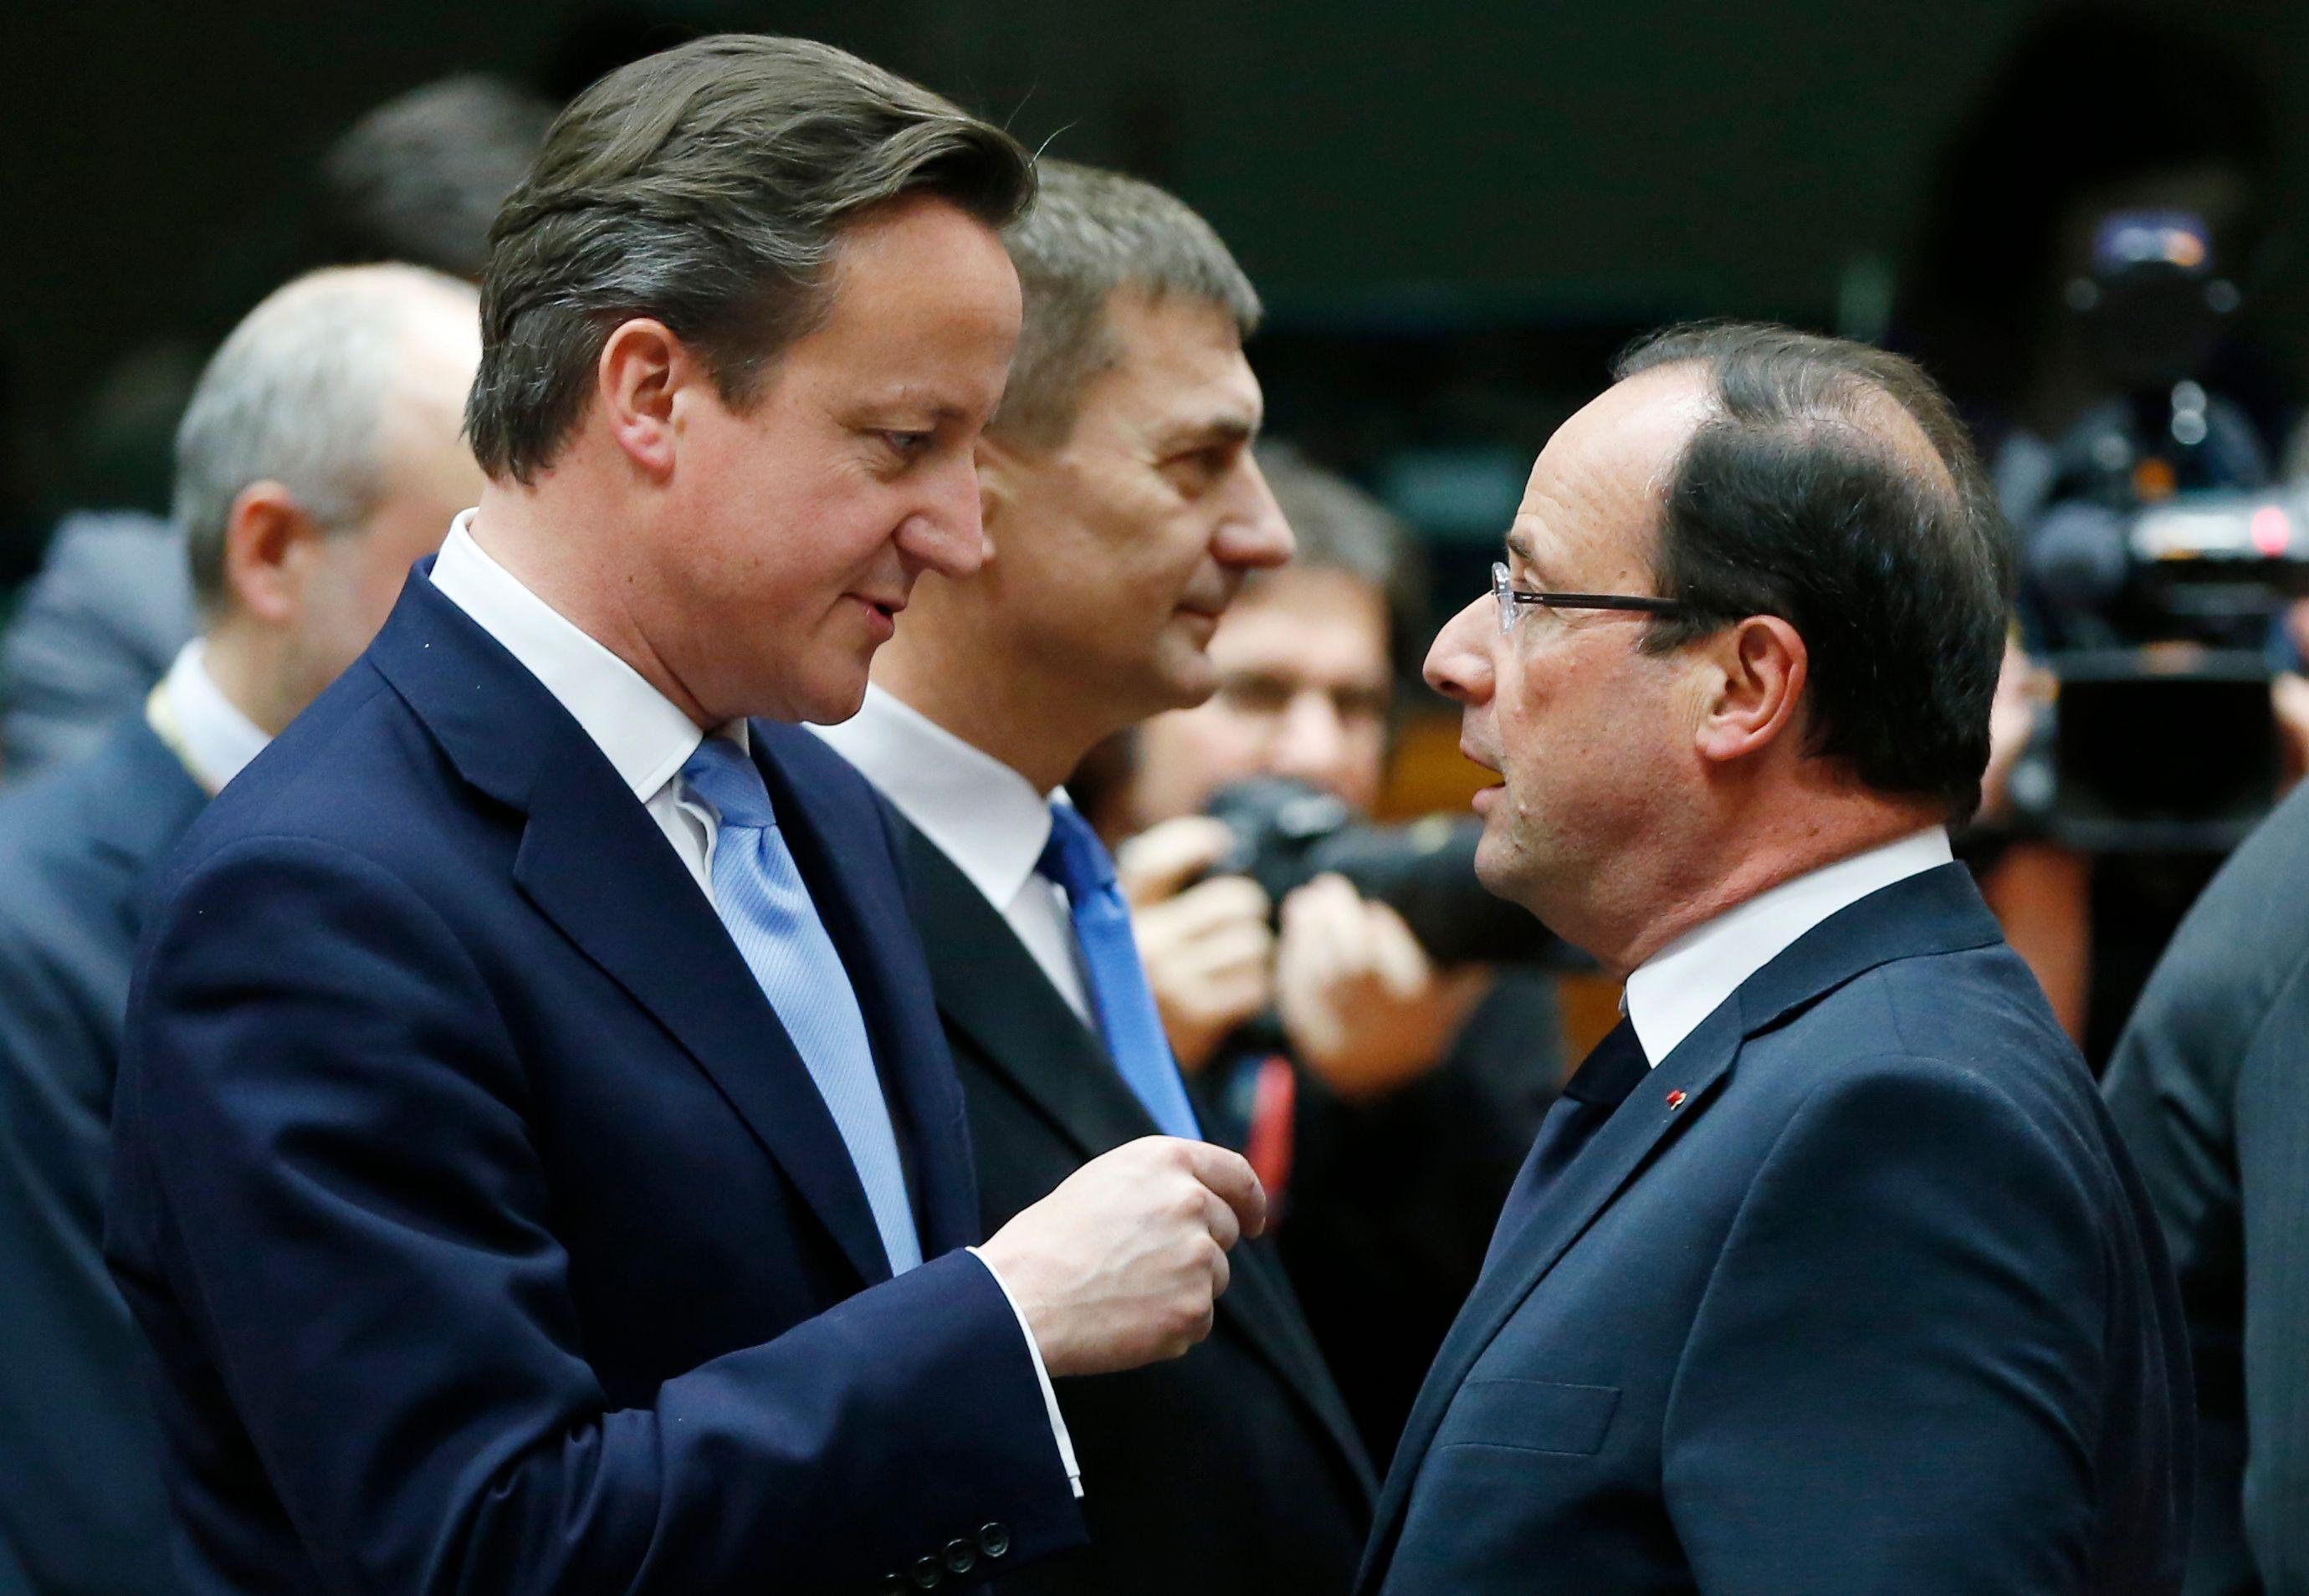 François Hollande s'inspirera-t-il de la réforme des prestations sociales britannique ?